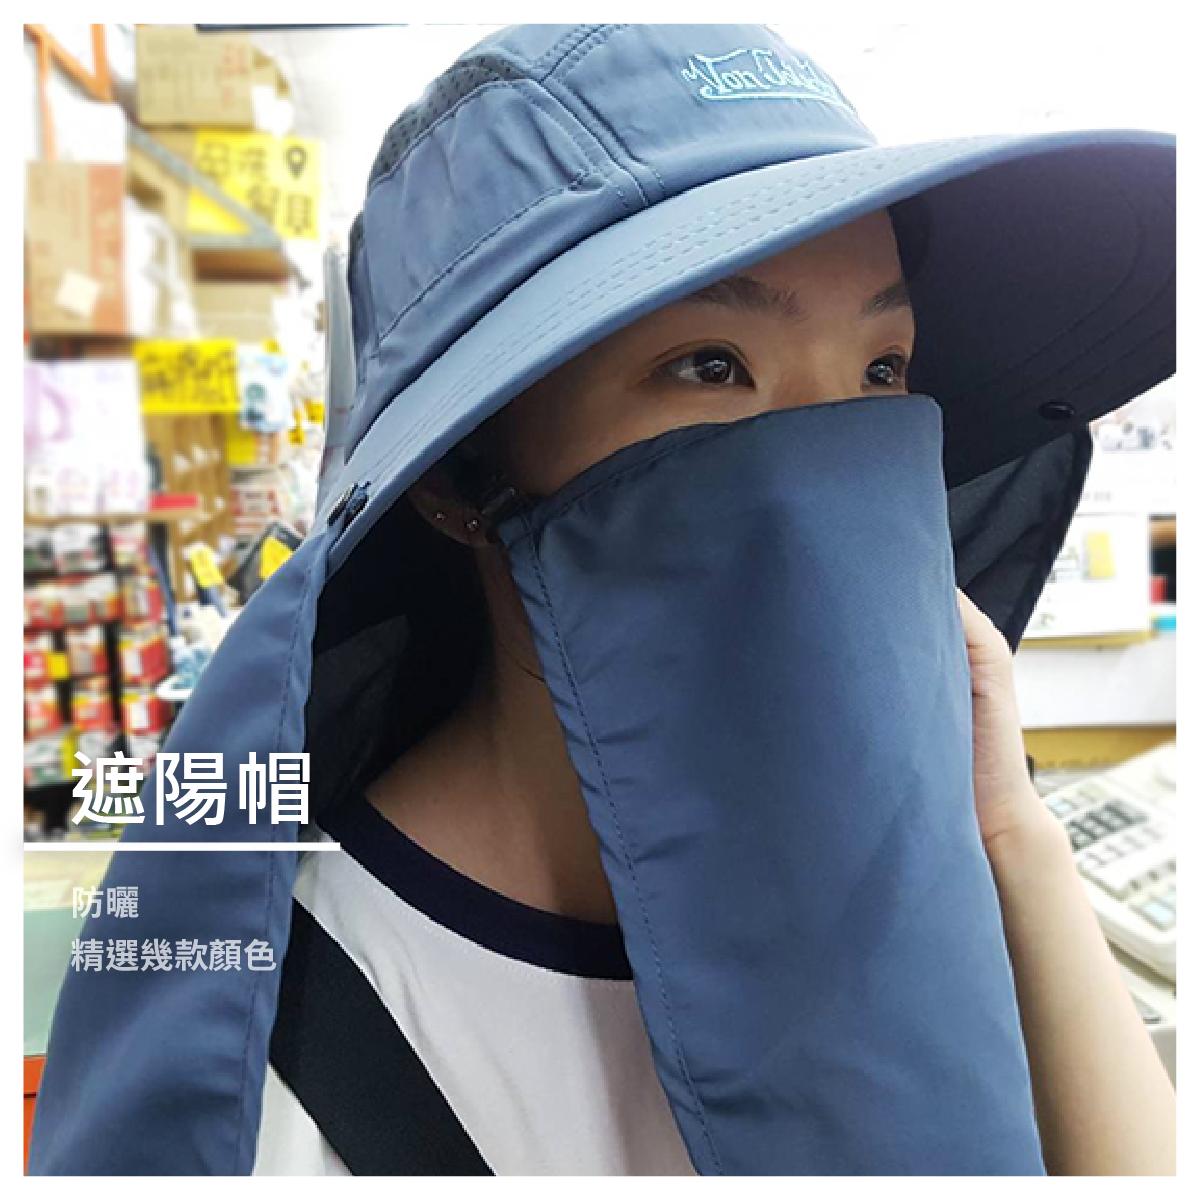 【晶品五金百貨】遮陽帽